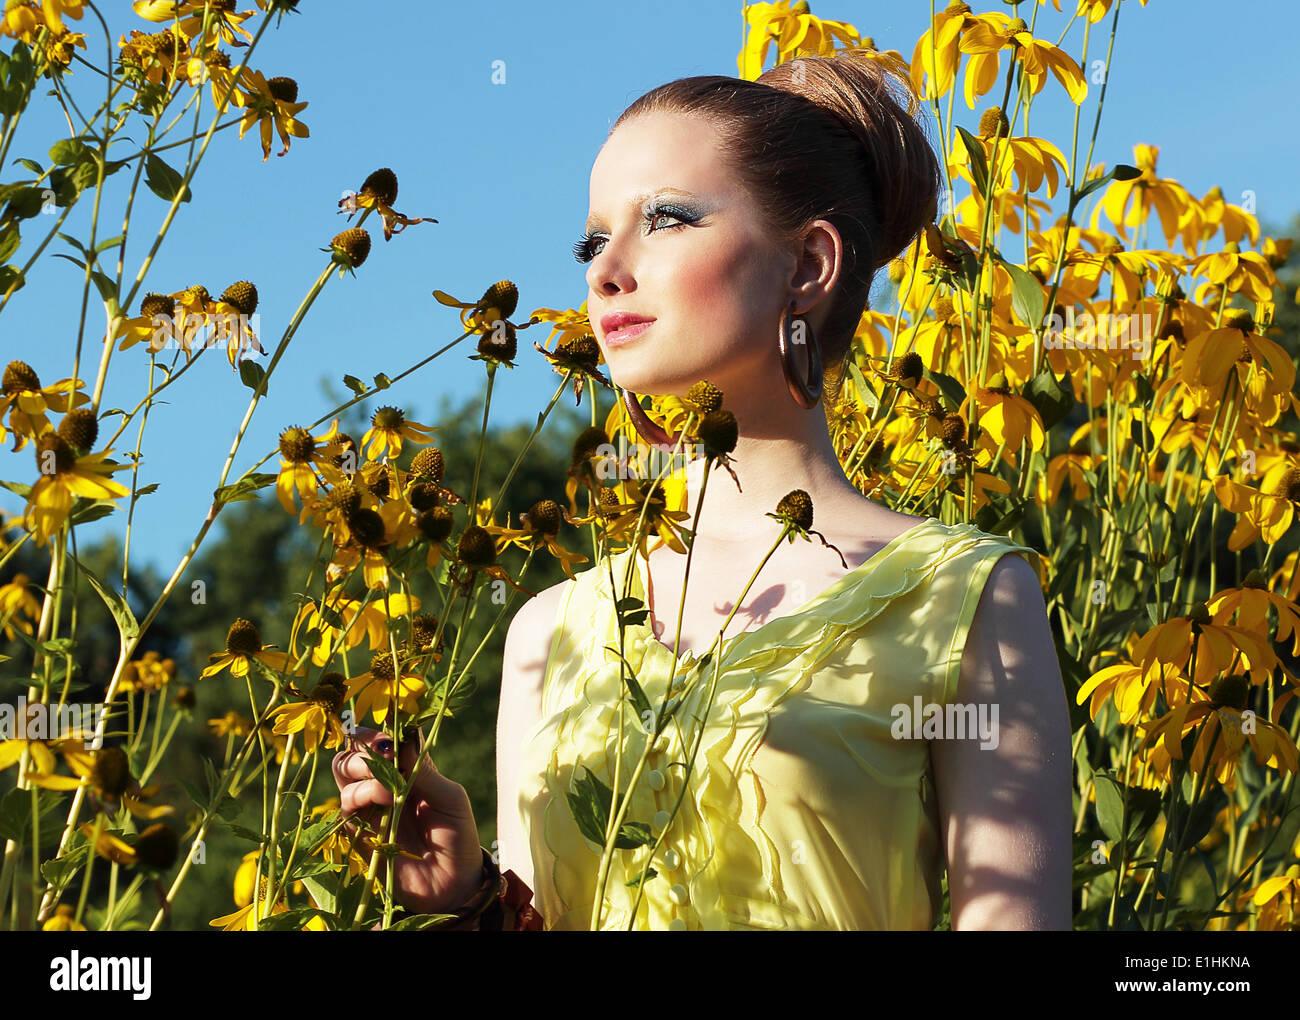 Durante l'estate. Giovani femmine in Prato tra fiore fiori giallo Immagini Stock